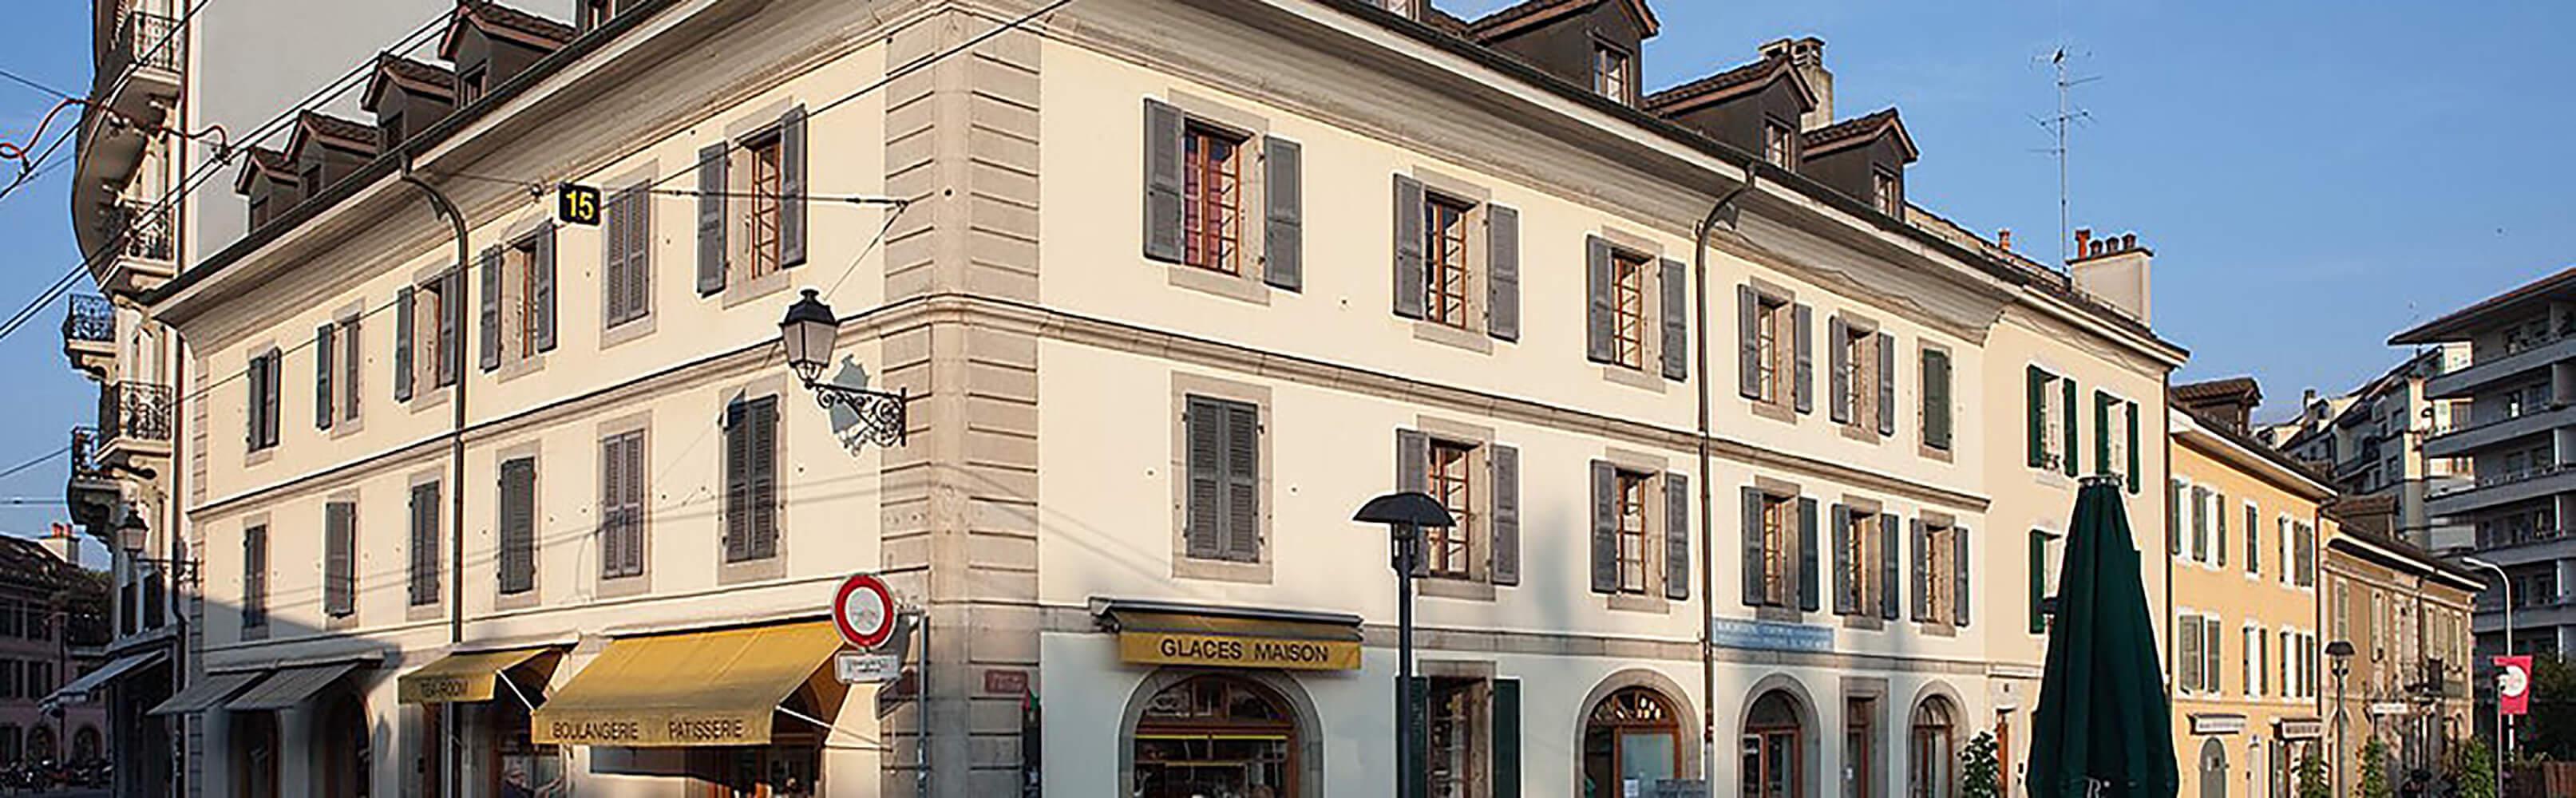 Carouge –die savoyische Königsstadt bei Genf 1